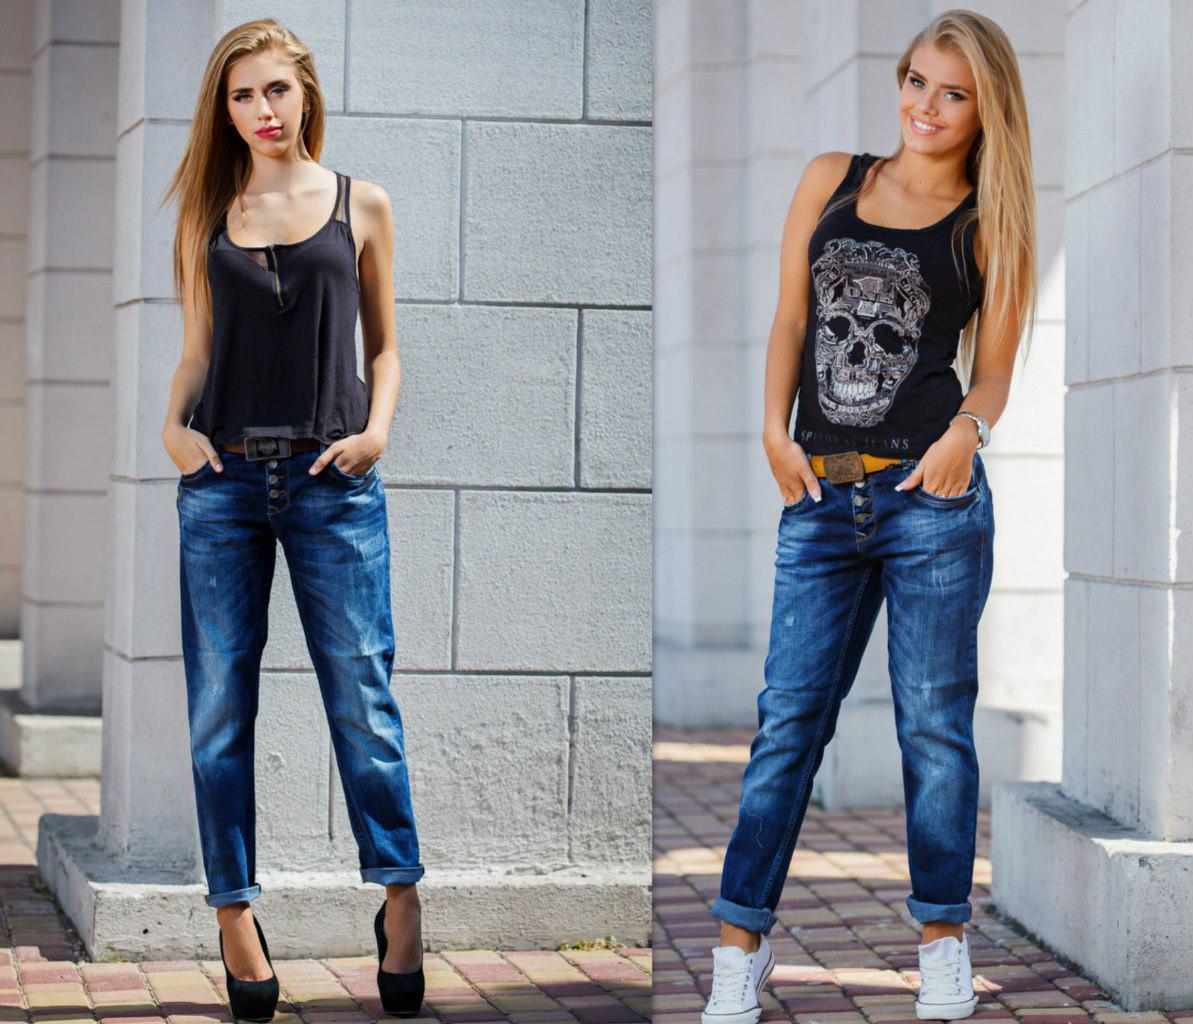 Модные женские джинсы сезона 2018 | 21